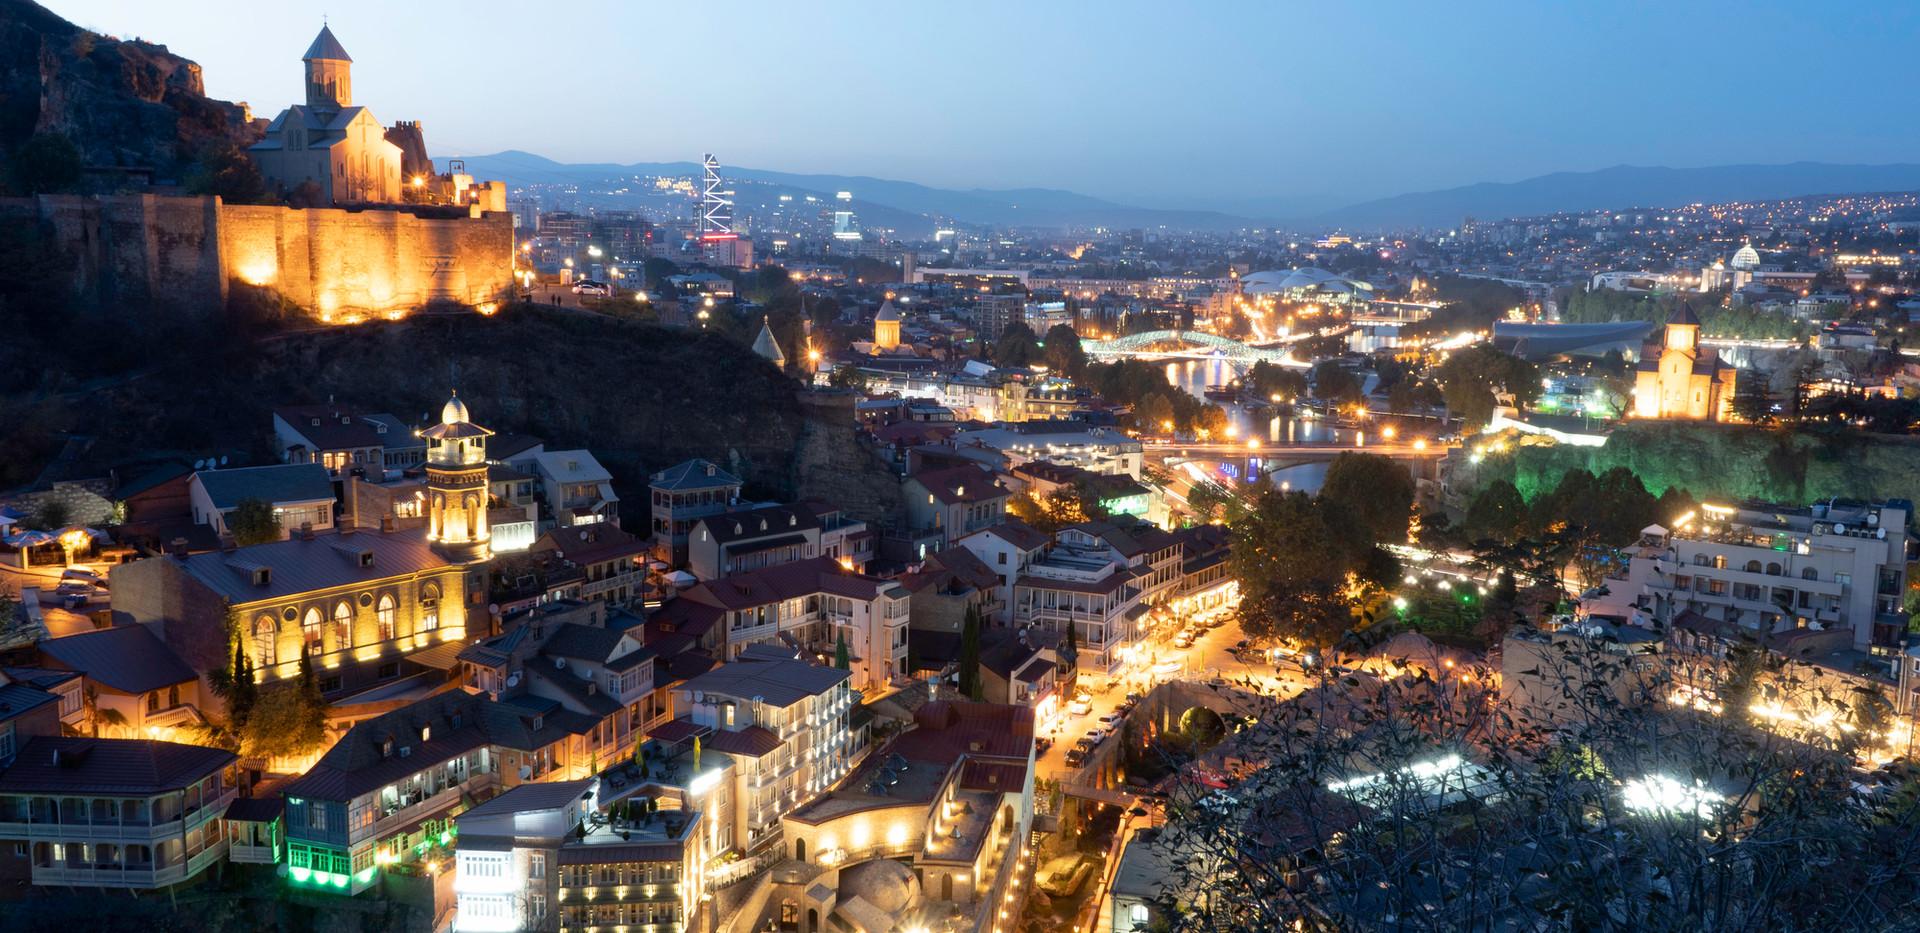 Es wird Nacht in der georgischen Hauptstadt Tiflis